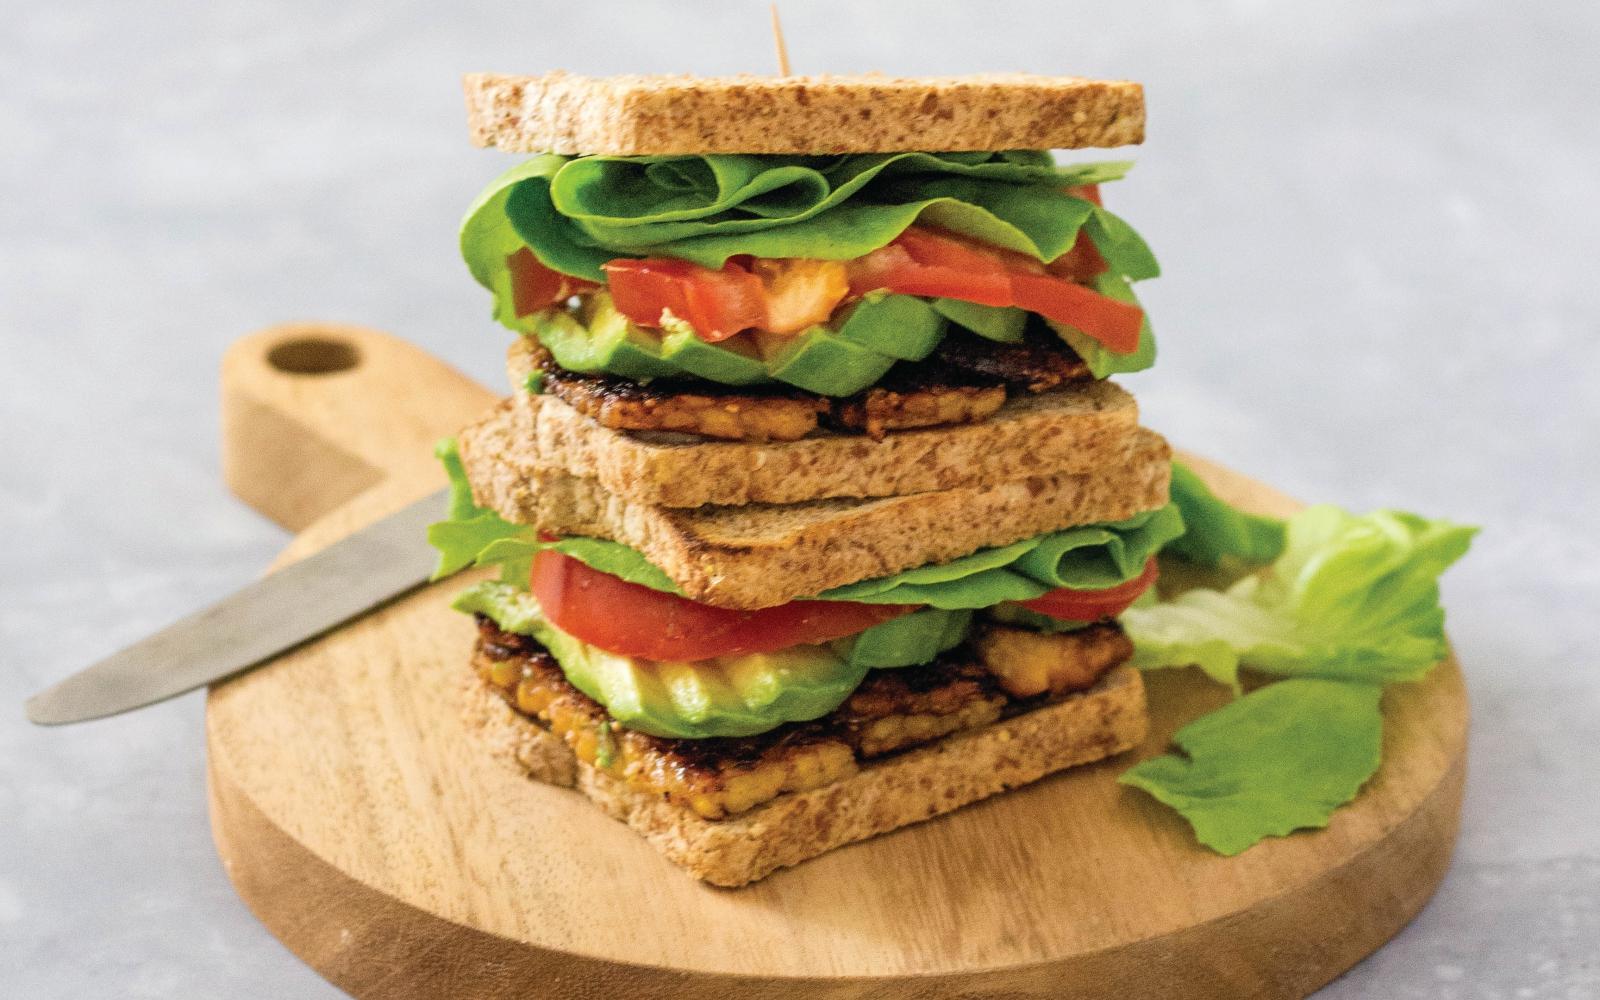 Vegan TLT: Tempeh Lettuce Tomato Sandwich